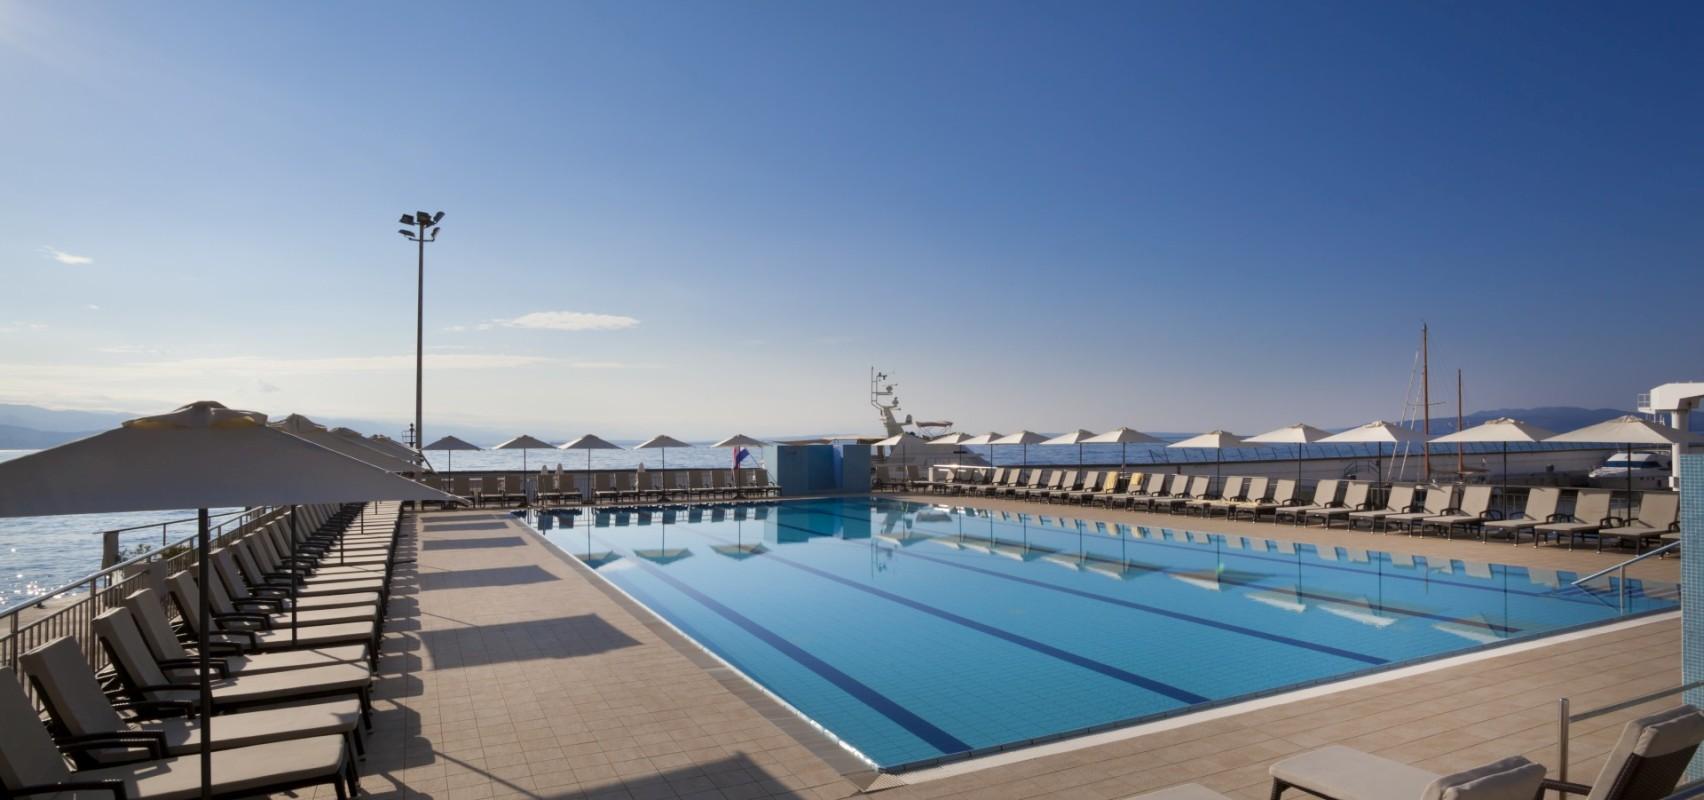 Hotel Admiral Opatija in Croatia – Remisens Hotels